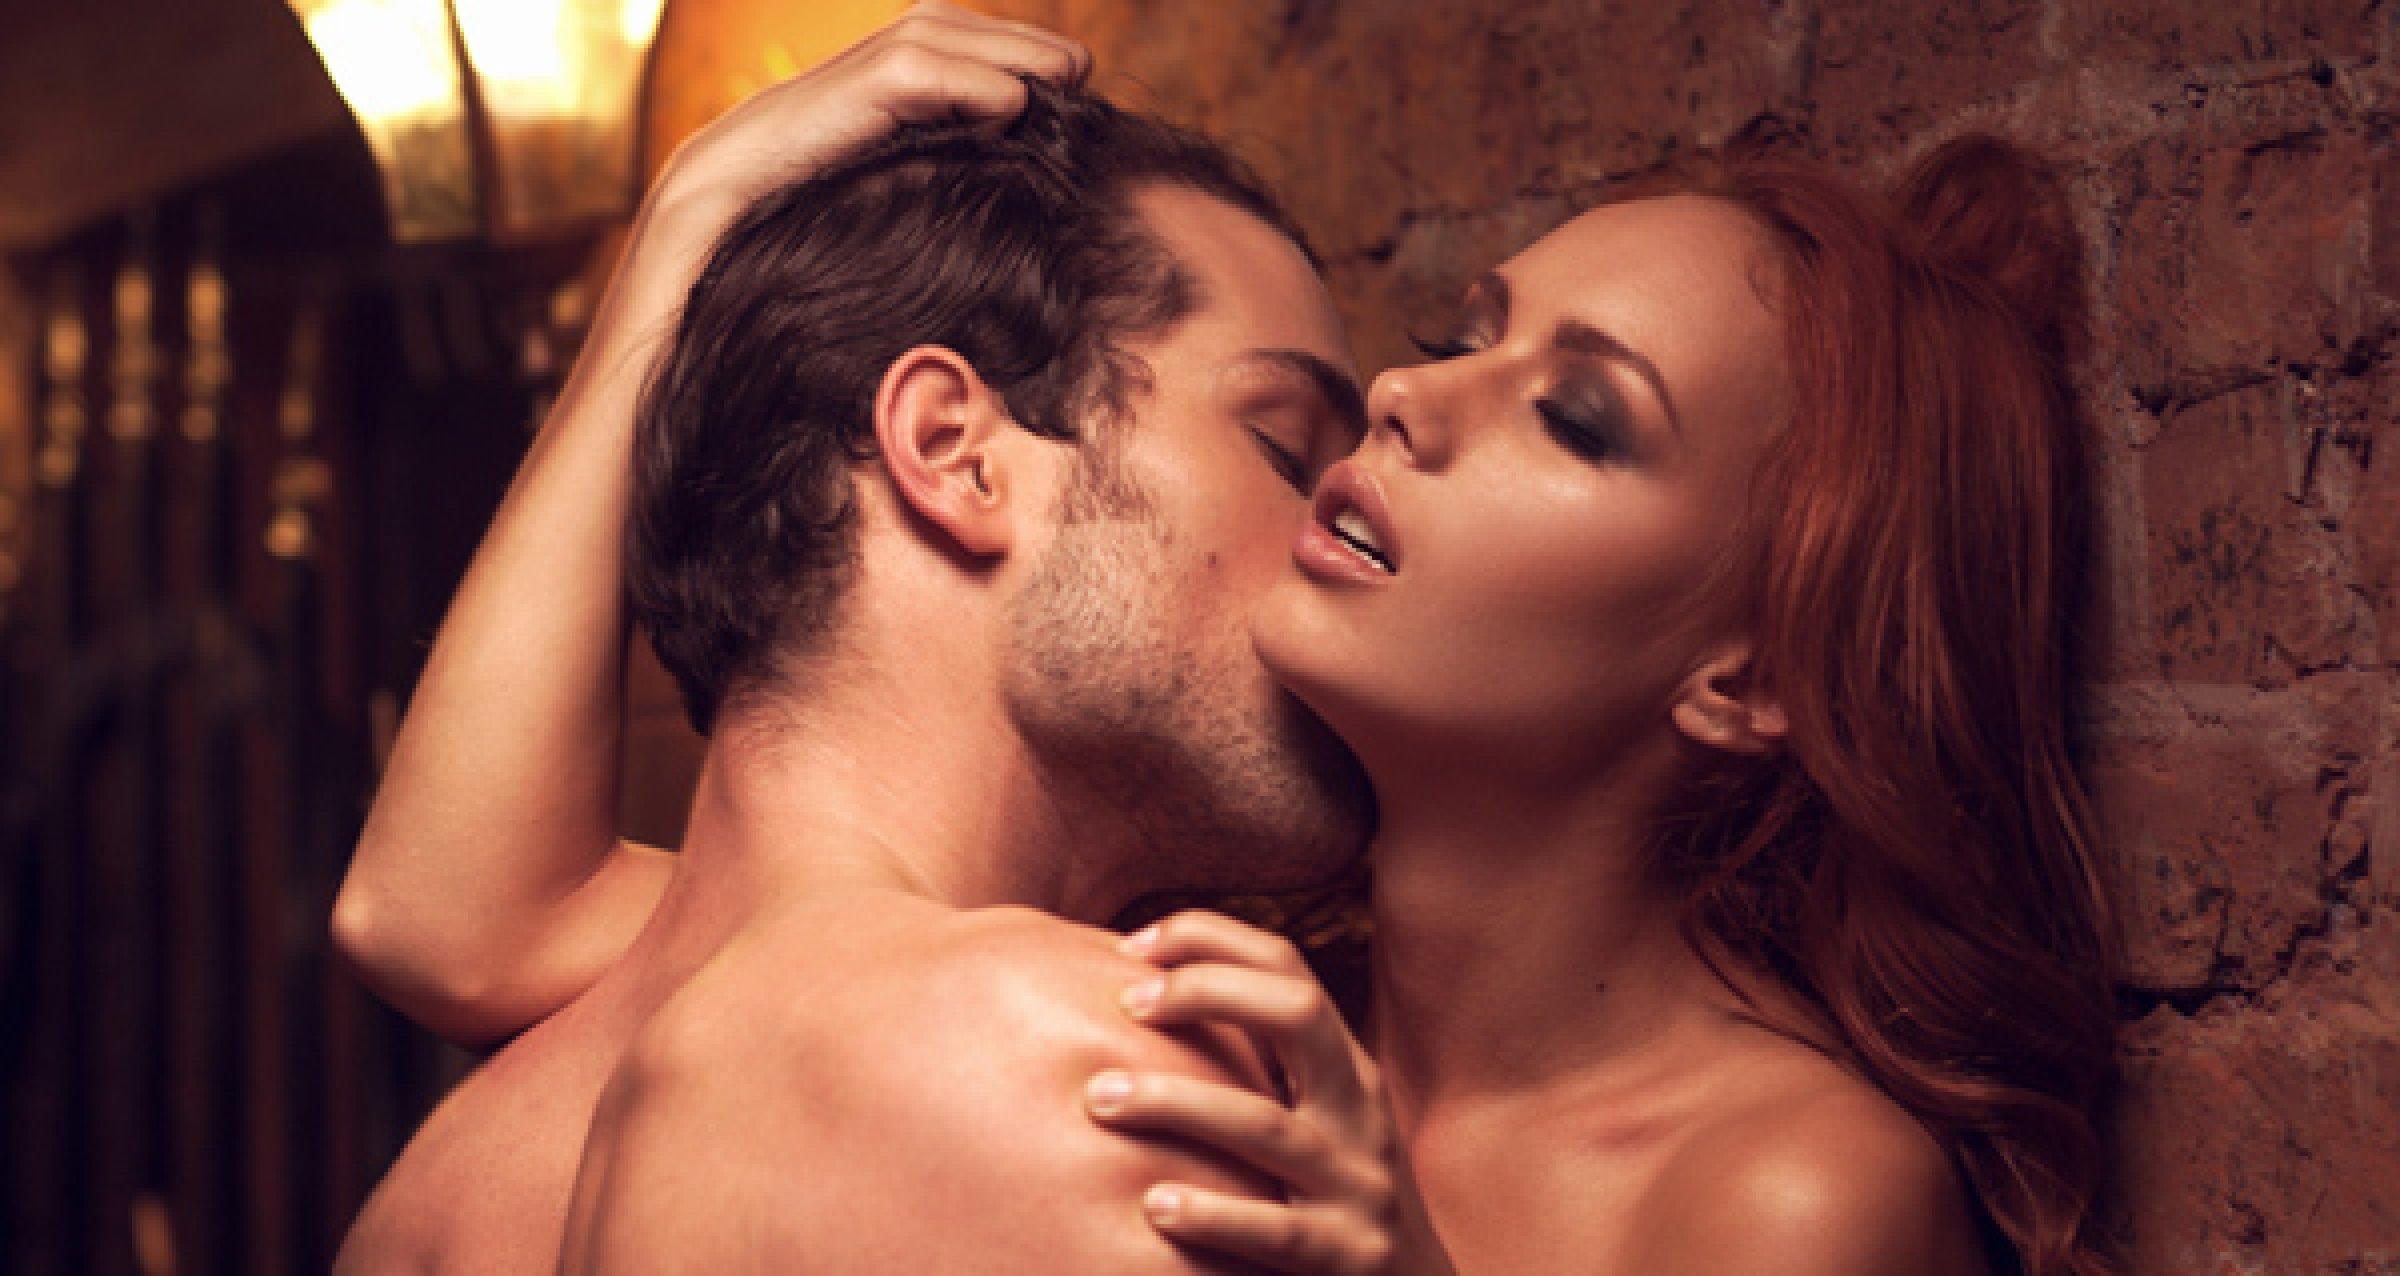 Сексуальные фантазии на ночь, Что они себе воображают? Сексуальные фантазии 24 29 фотография